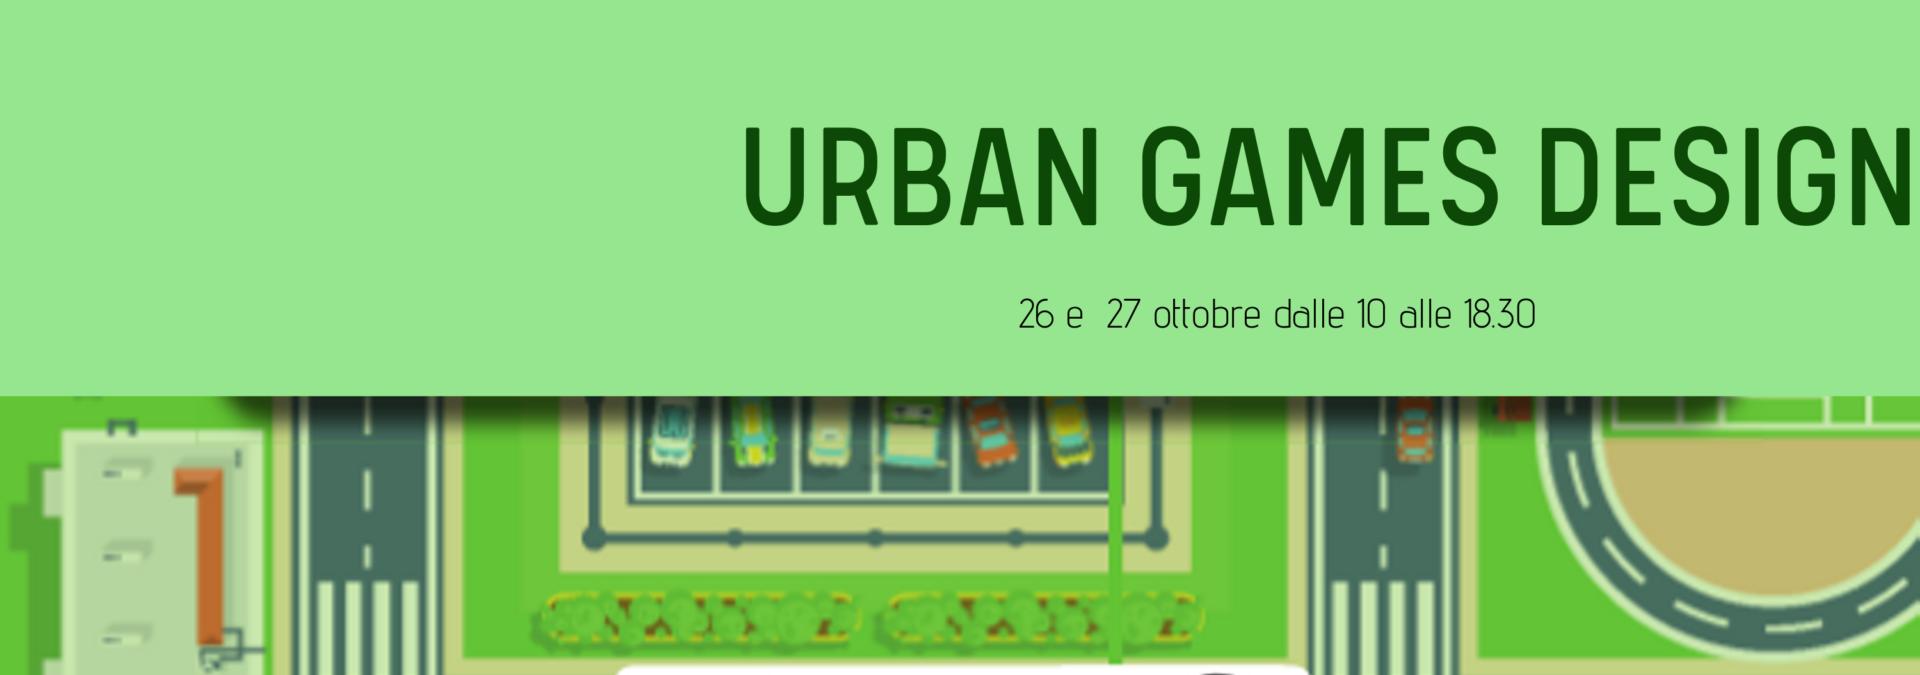 Urban games design